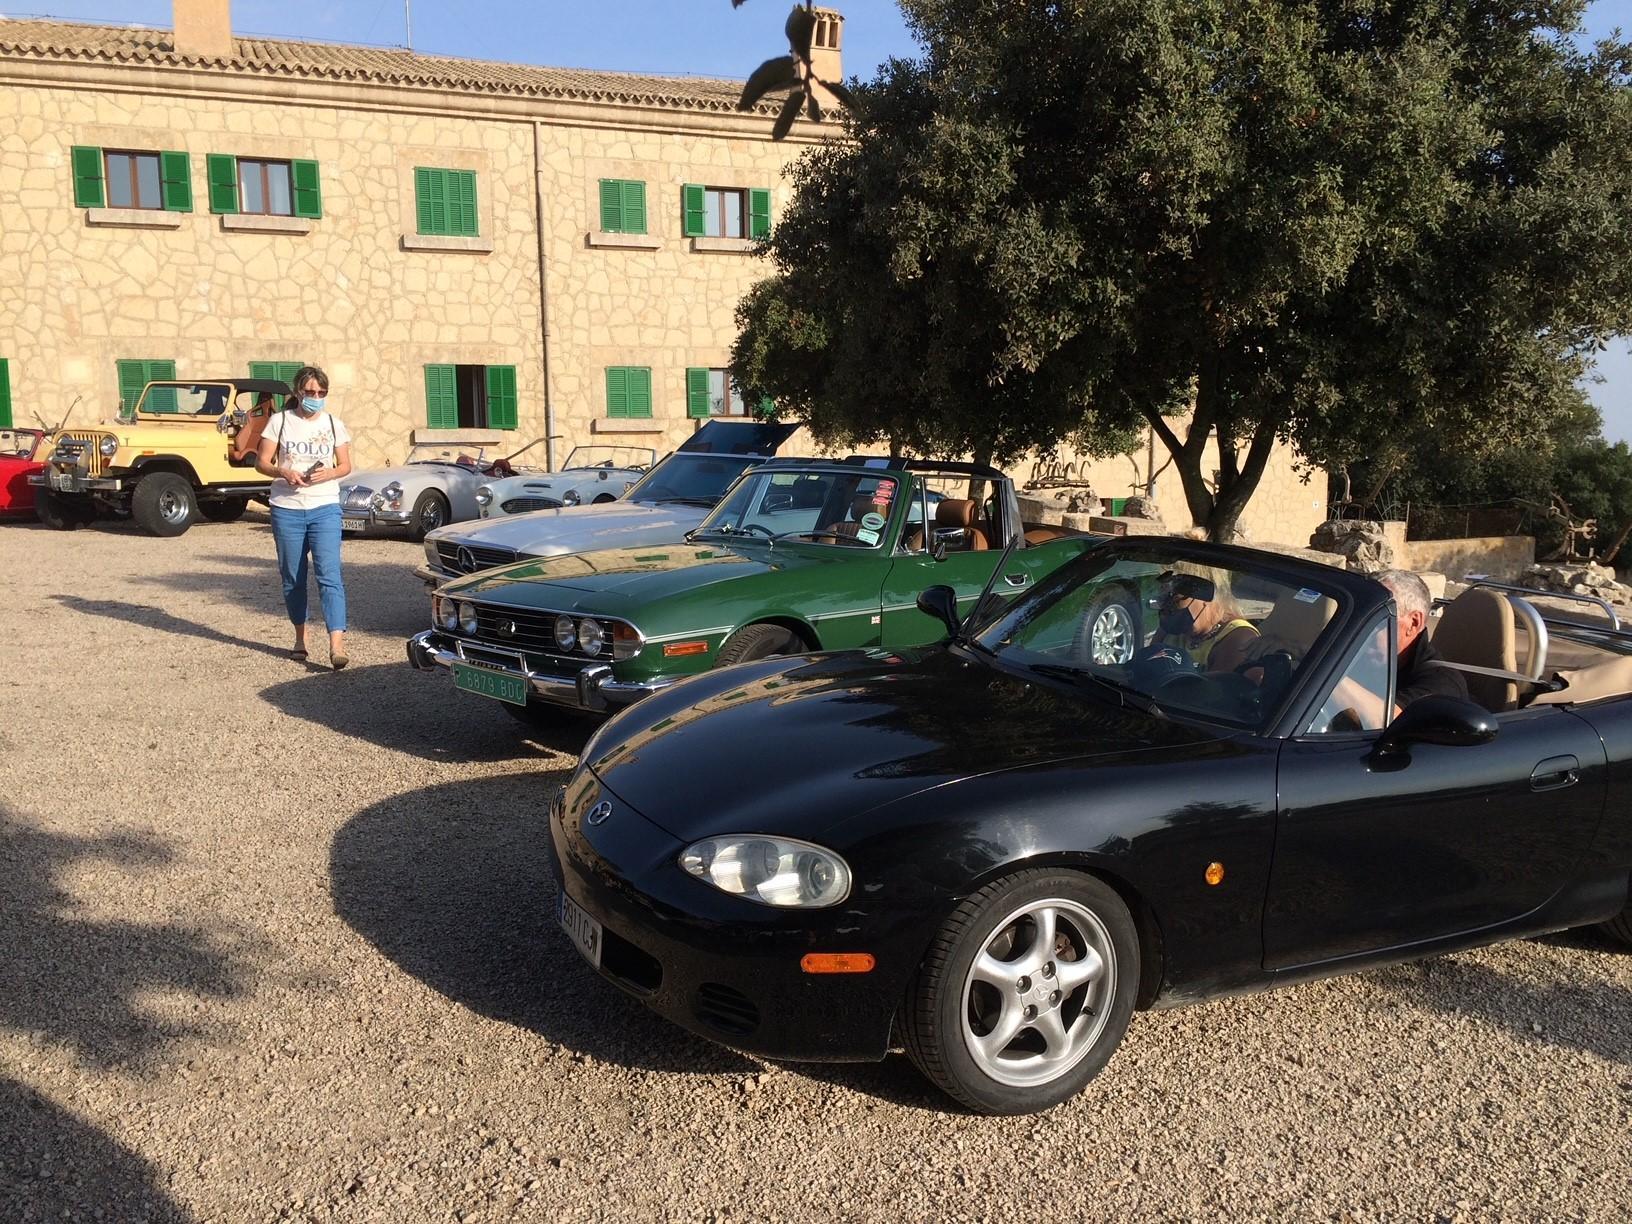 Retro classic Mazda MX5 with Triumph Stag and friends.